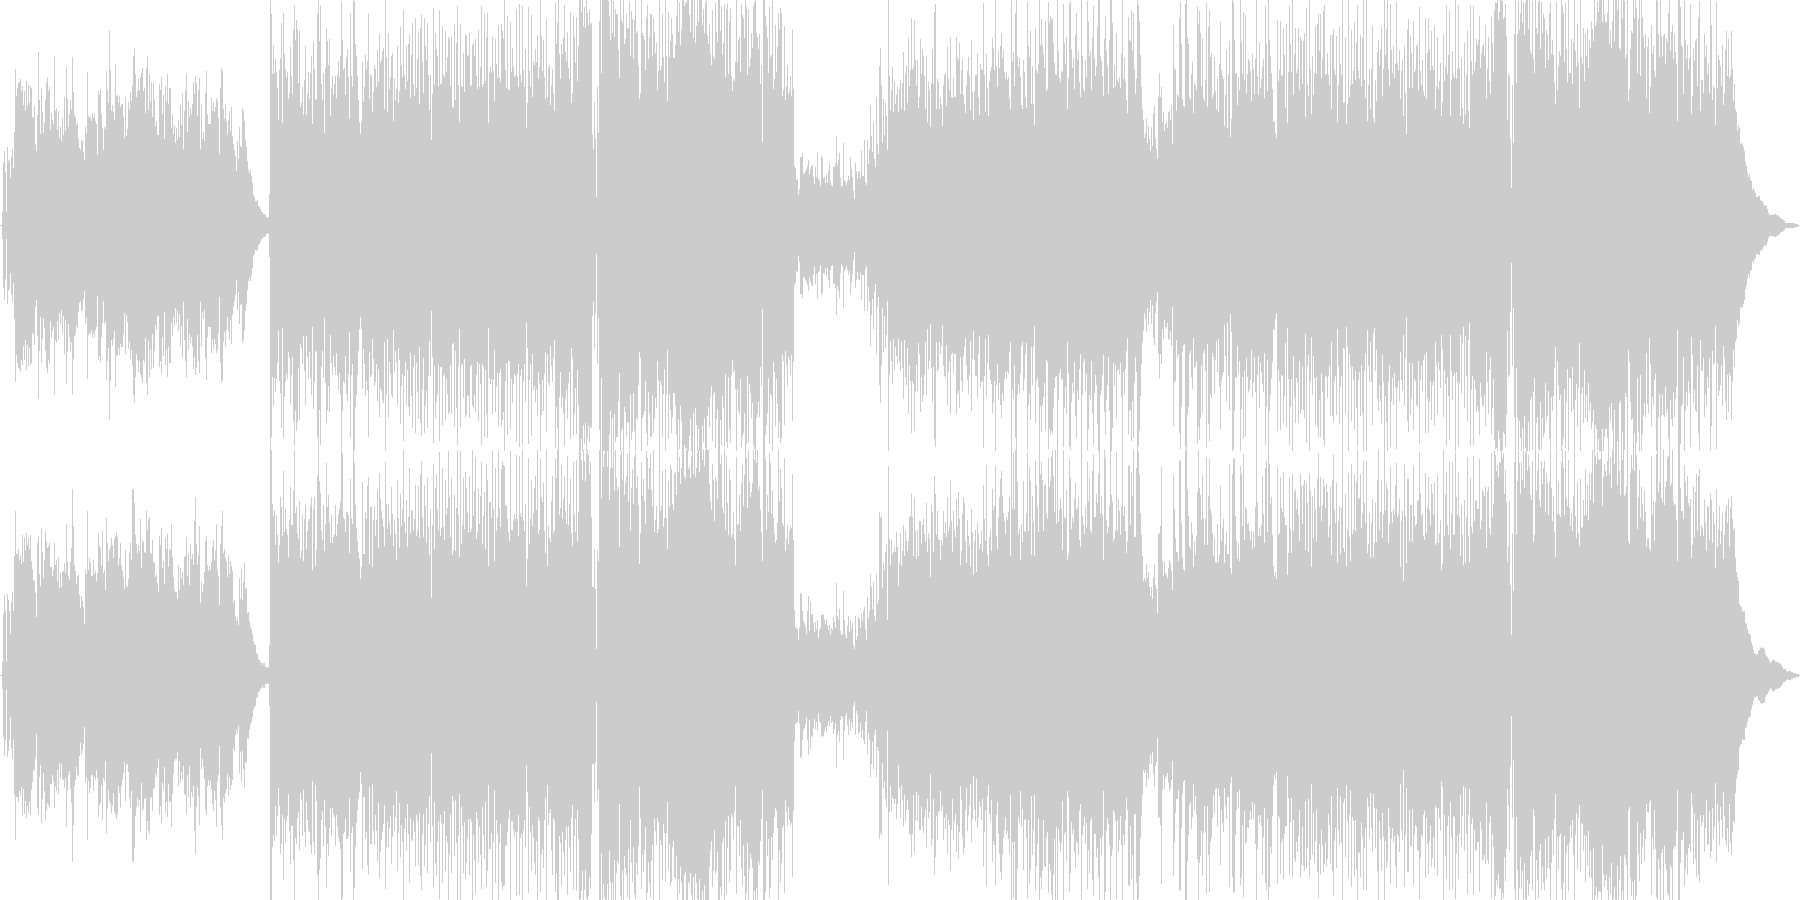 切なく緊張感のあるロックの未再生の波形